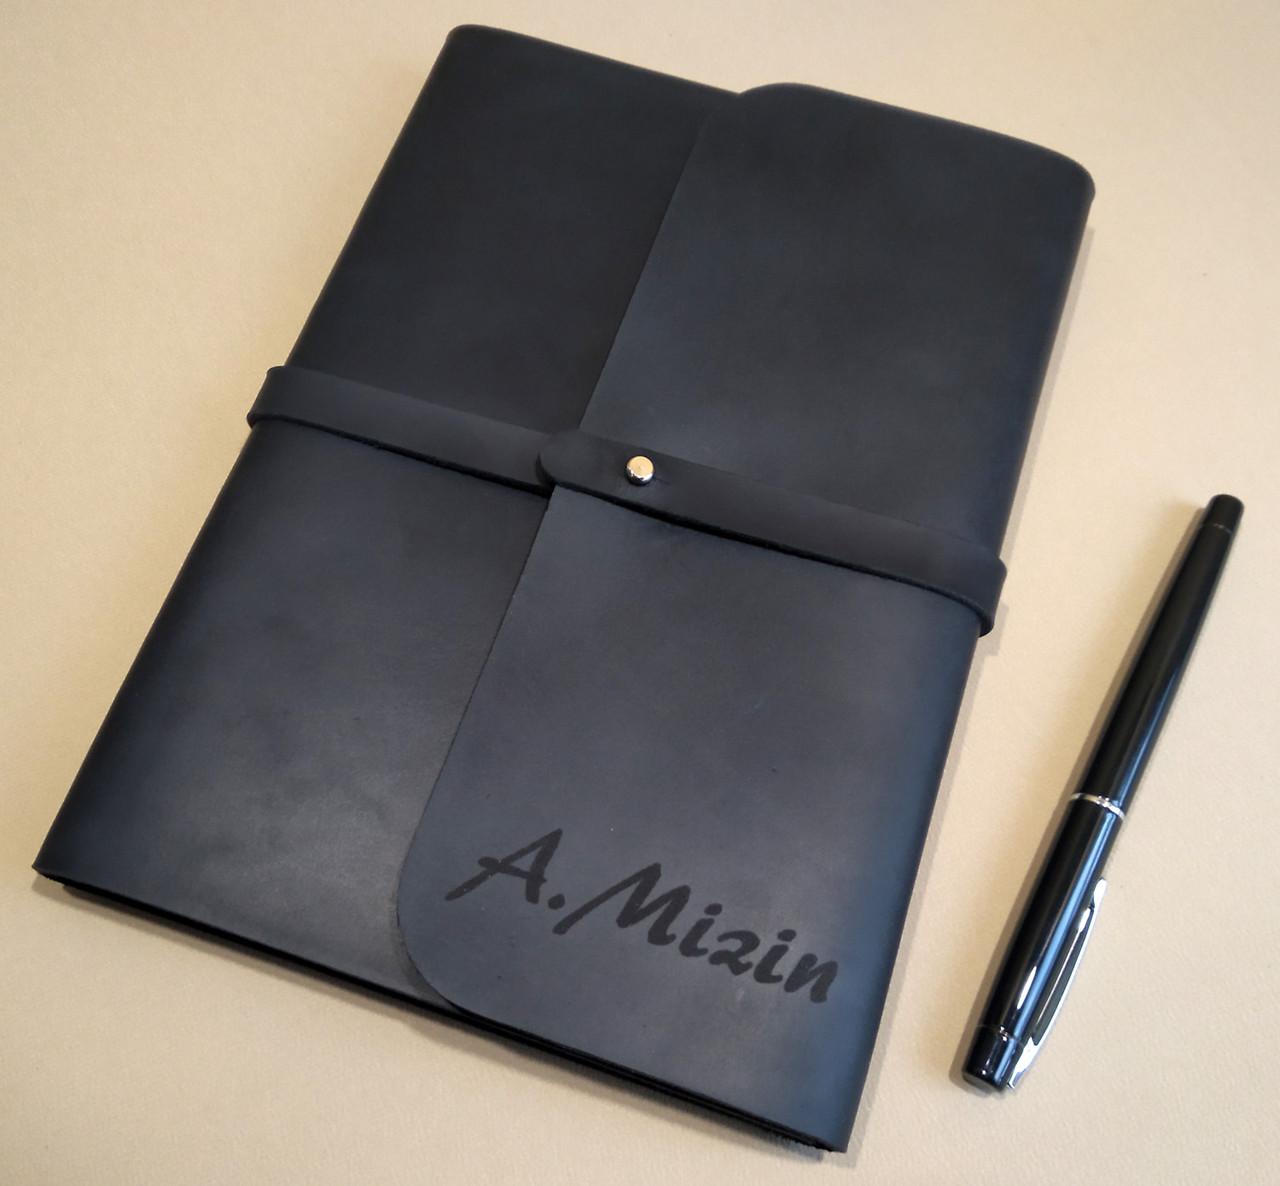 Софтбук А5. Блокнот в кожаной обложке ручной работы с лазерной гравировкой инициалов (имени).